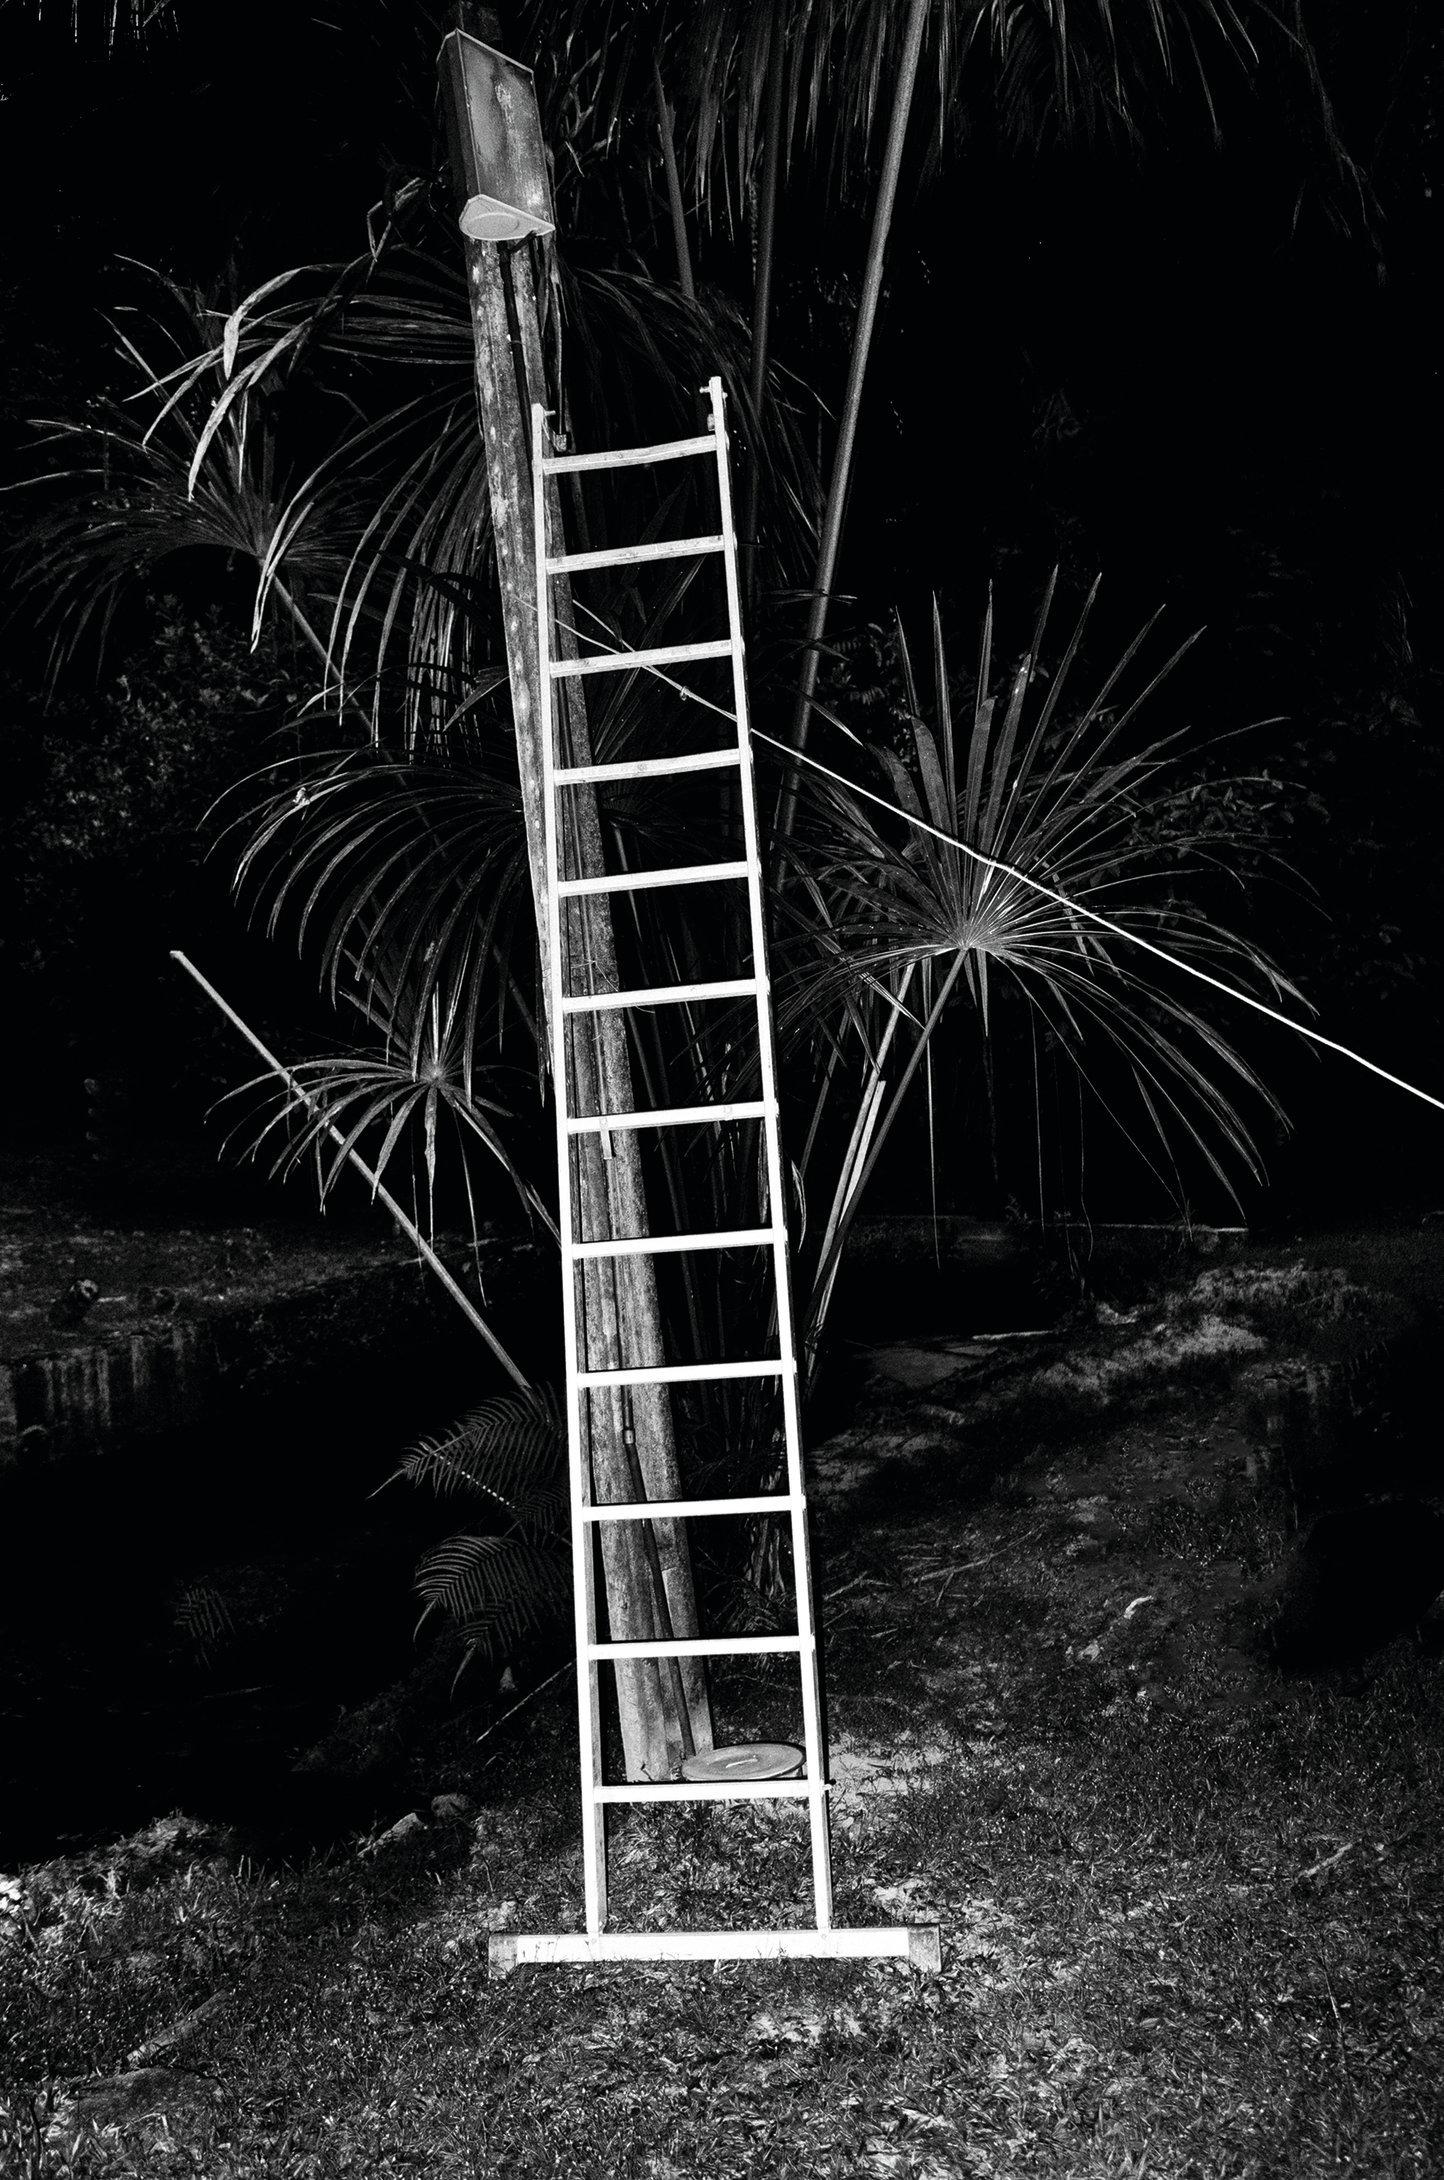 Paul-Cupido-Amazonia-Insomnia-iii-stairwaytoheaven-CMYK.tif